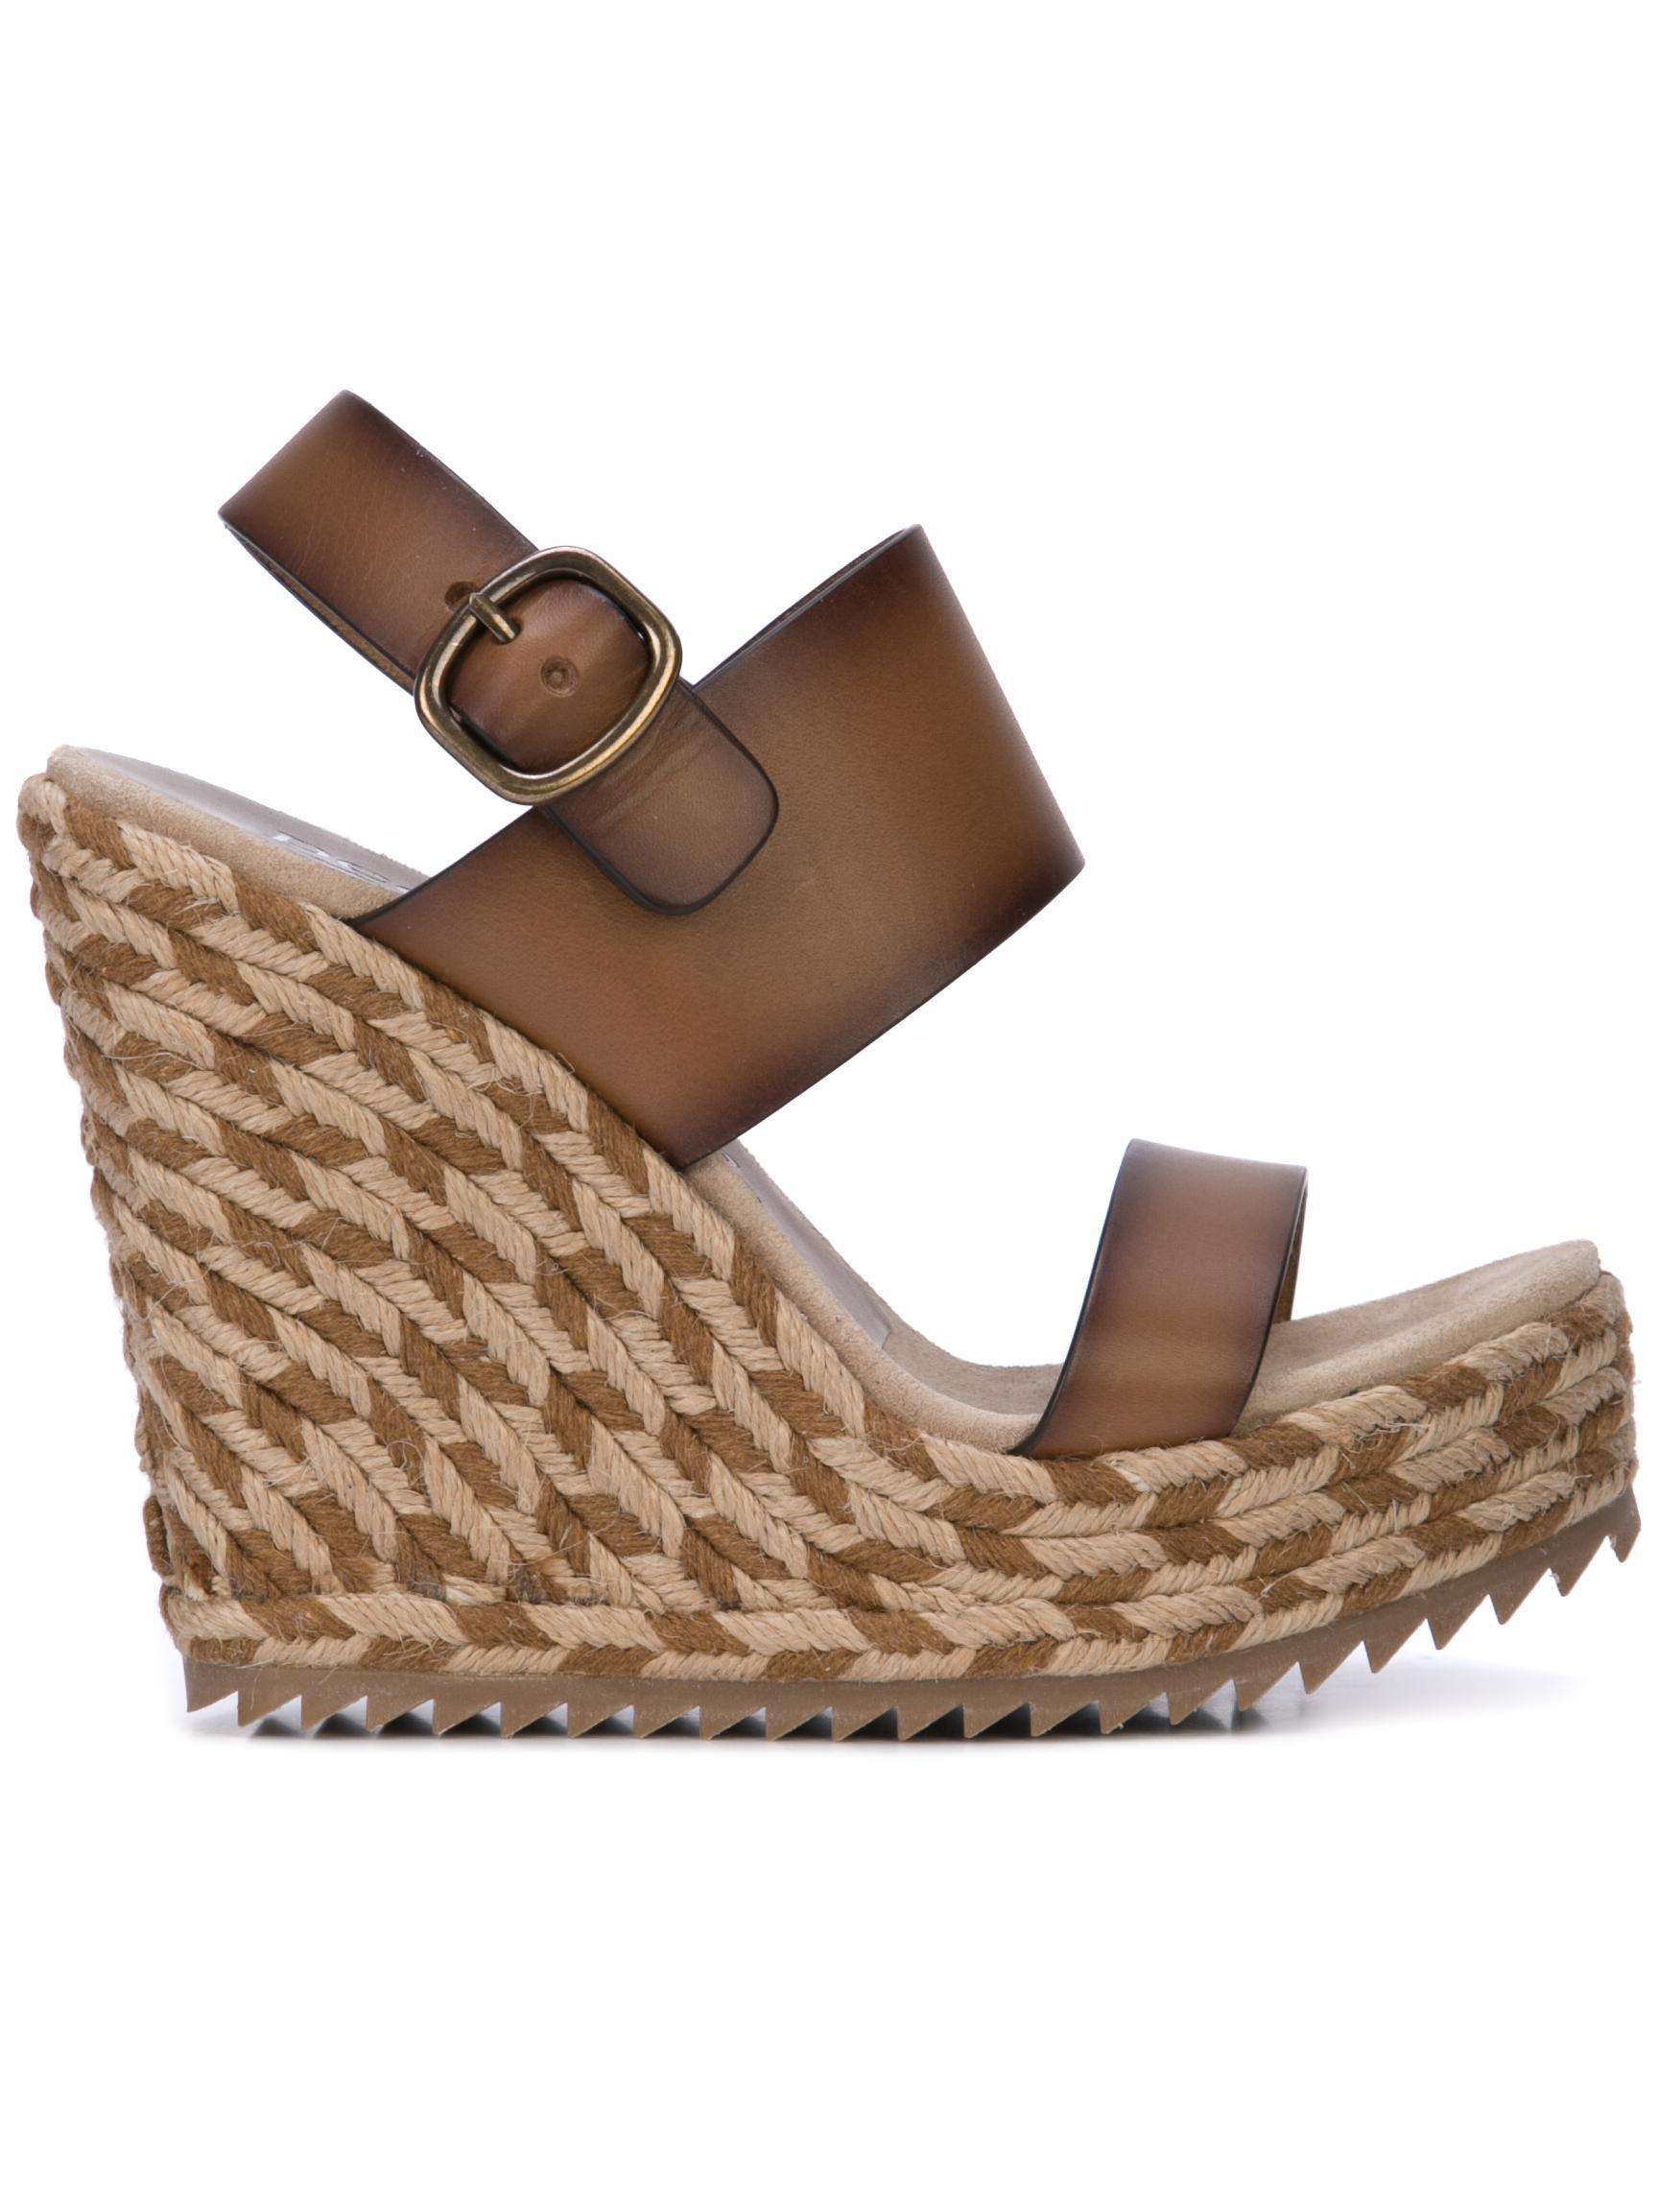 Woven Wedge Platform Sandal With Sling Back